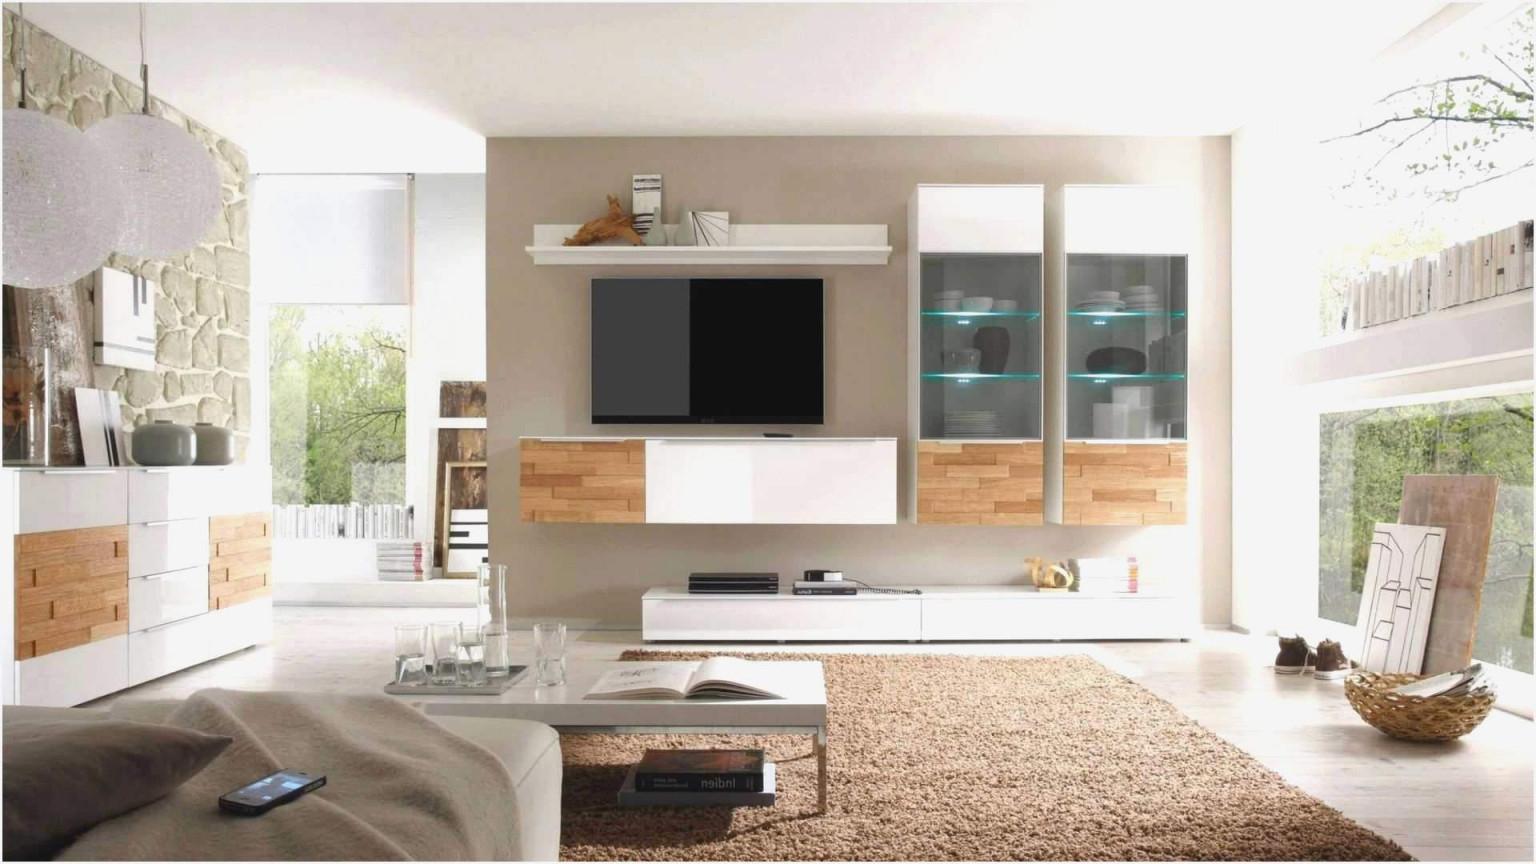 25 Neu Wohnzimmer Ideen Farbgestaltung Elegant  Wohnzimmer von Wohnzimmer Ideen Farbgestaltung Bild